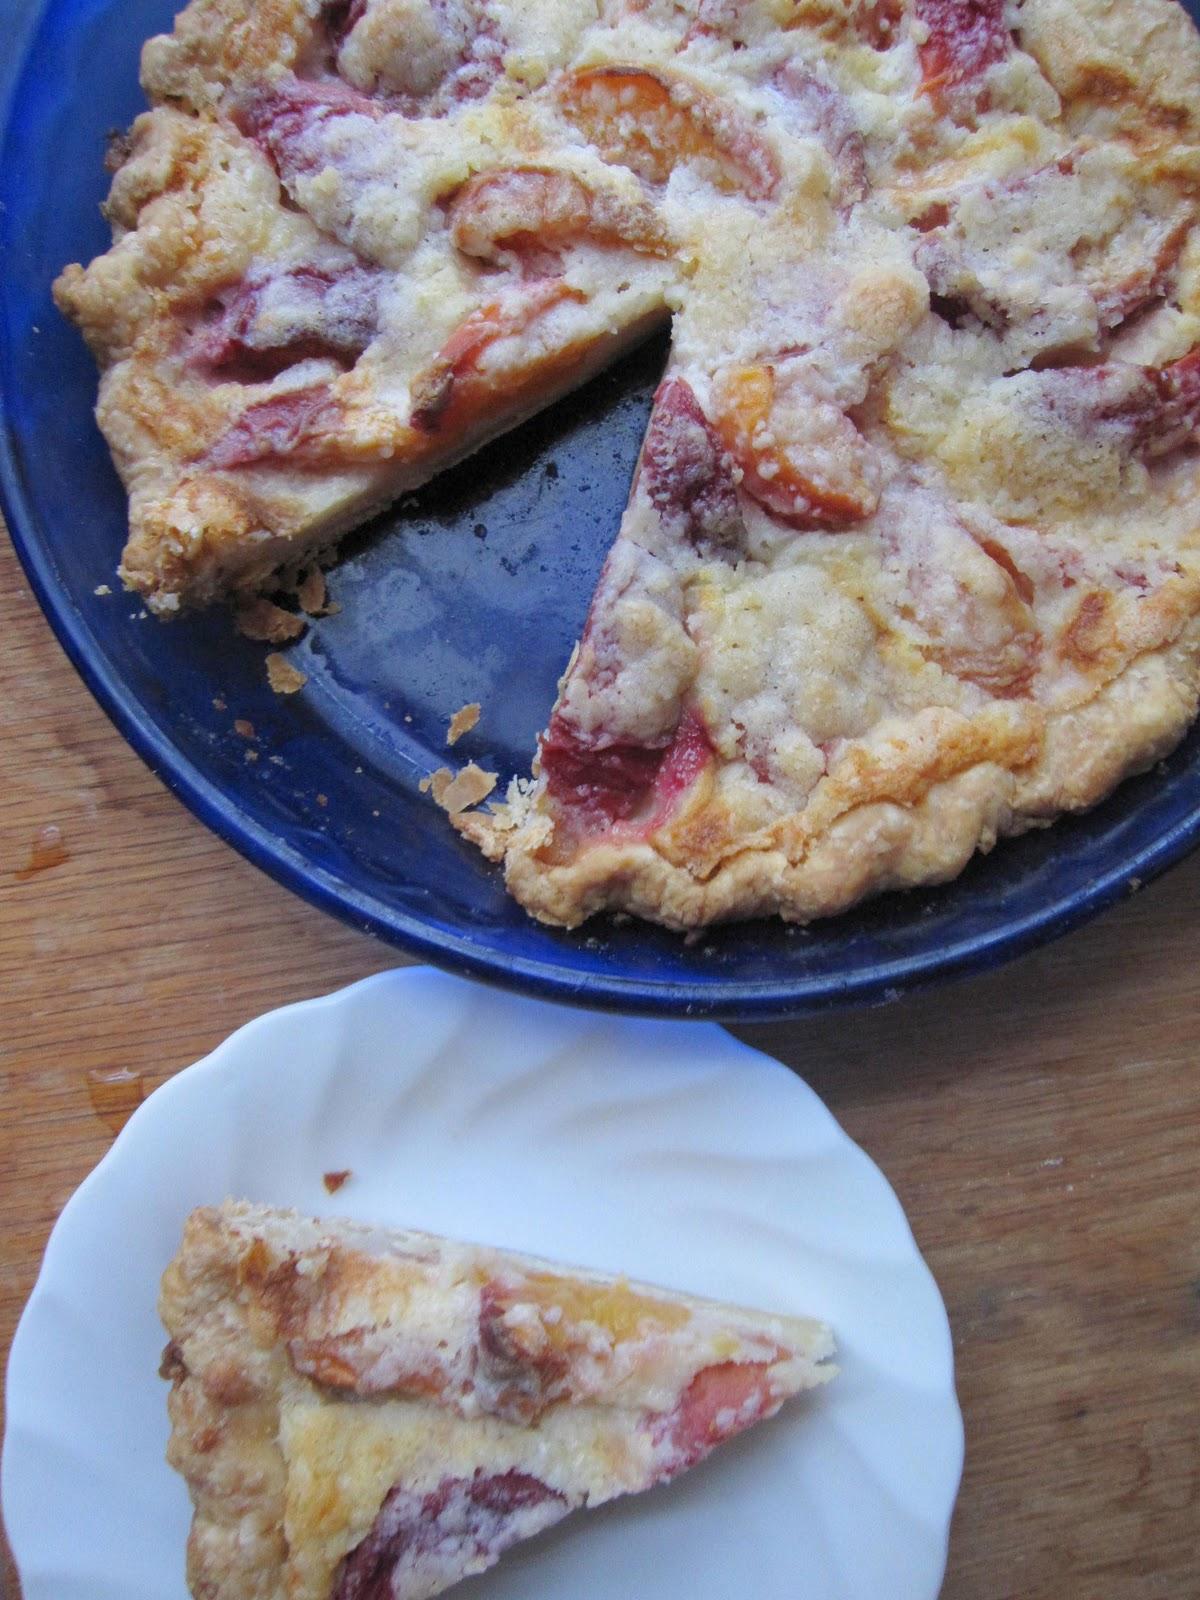 The Scratch Patch: Peach and Crème Fraîche Pie